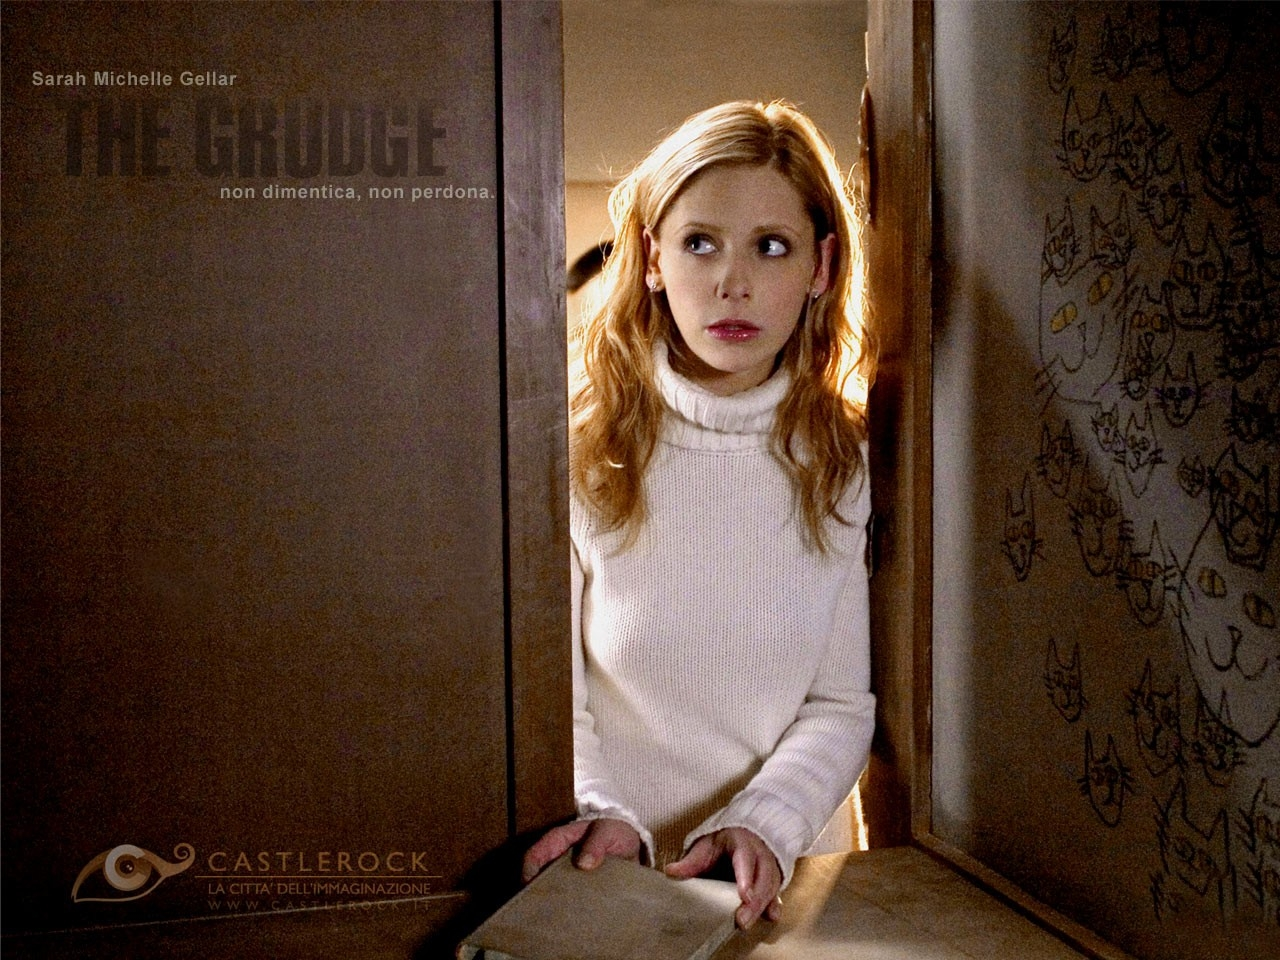 Wallpaper del film The Grudge con Sarah Michelle Gellar